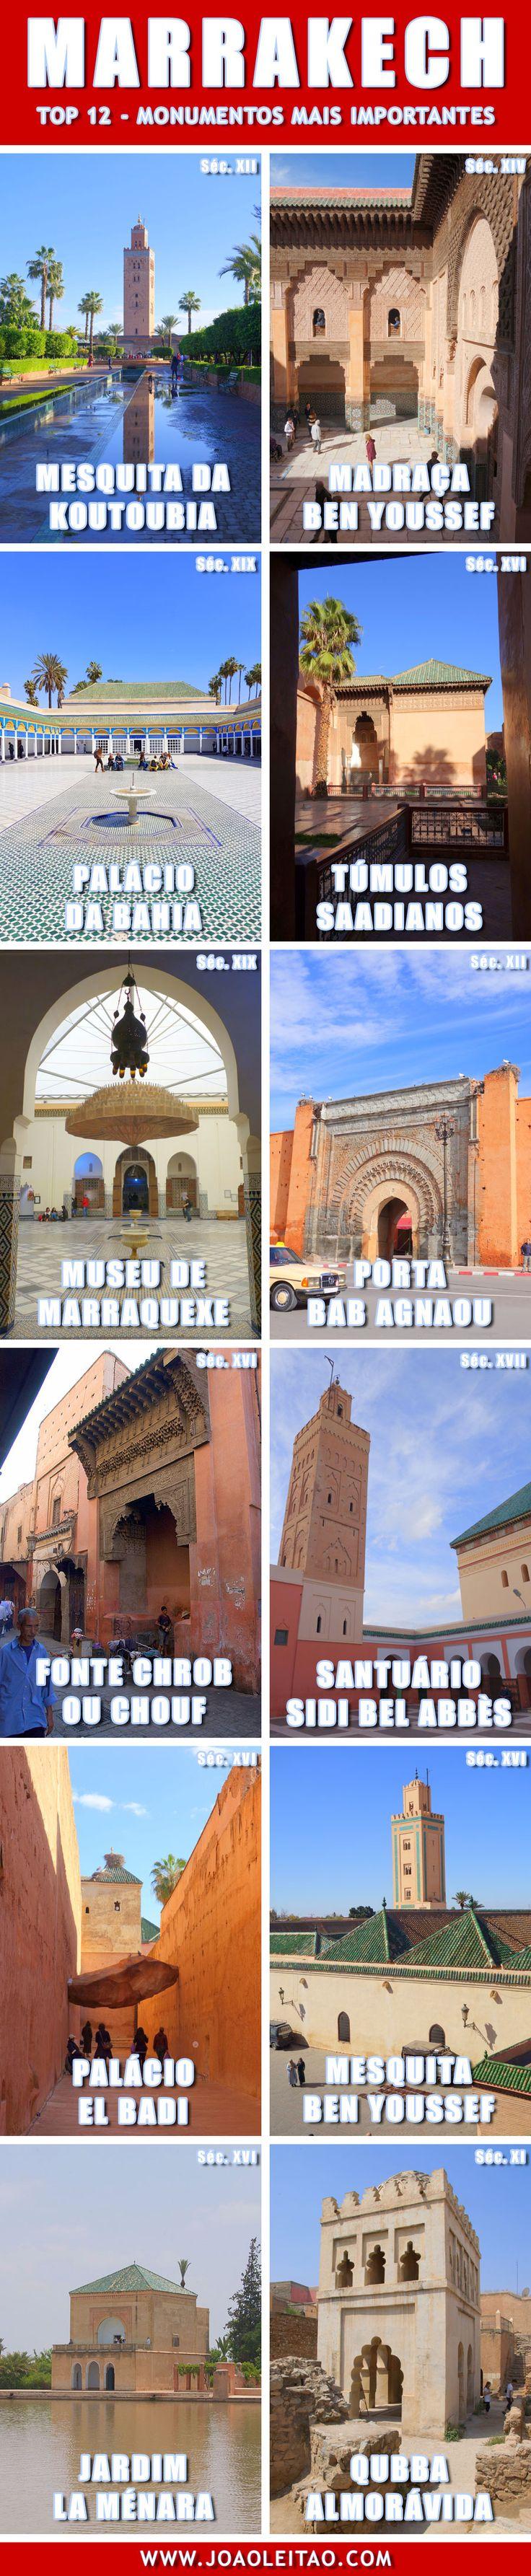 Marrakech Marrocos (Marraquexe) - Top 12 Monumentos mais importantes